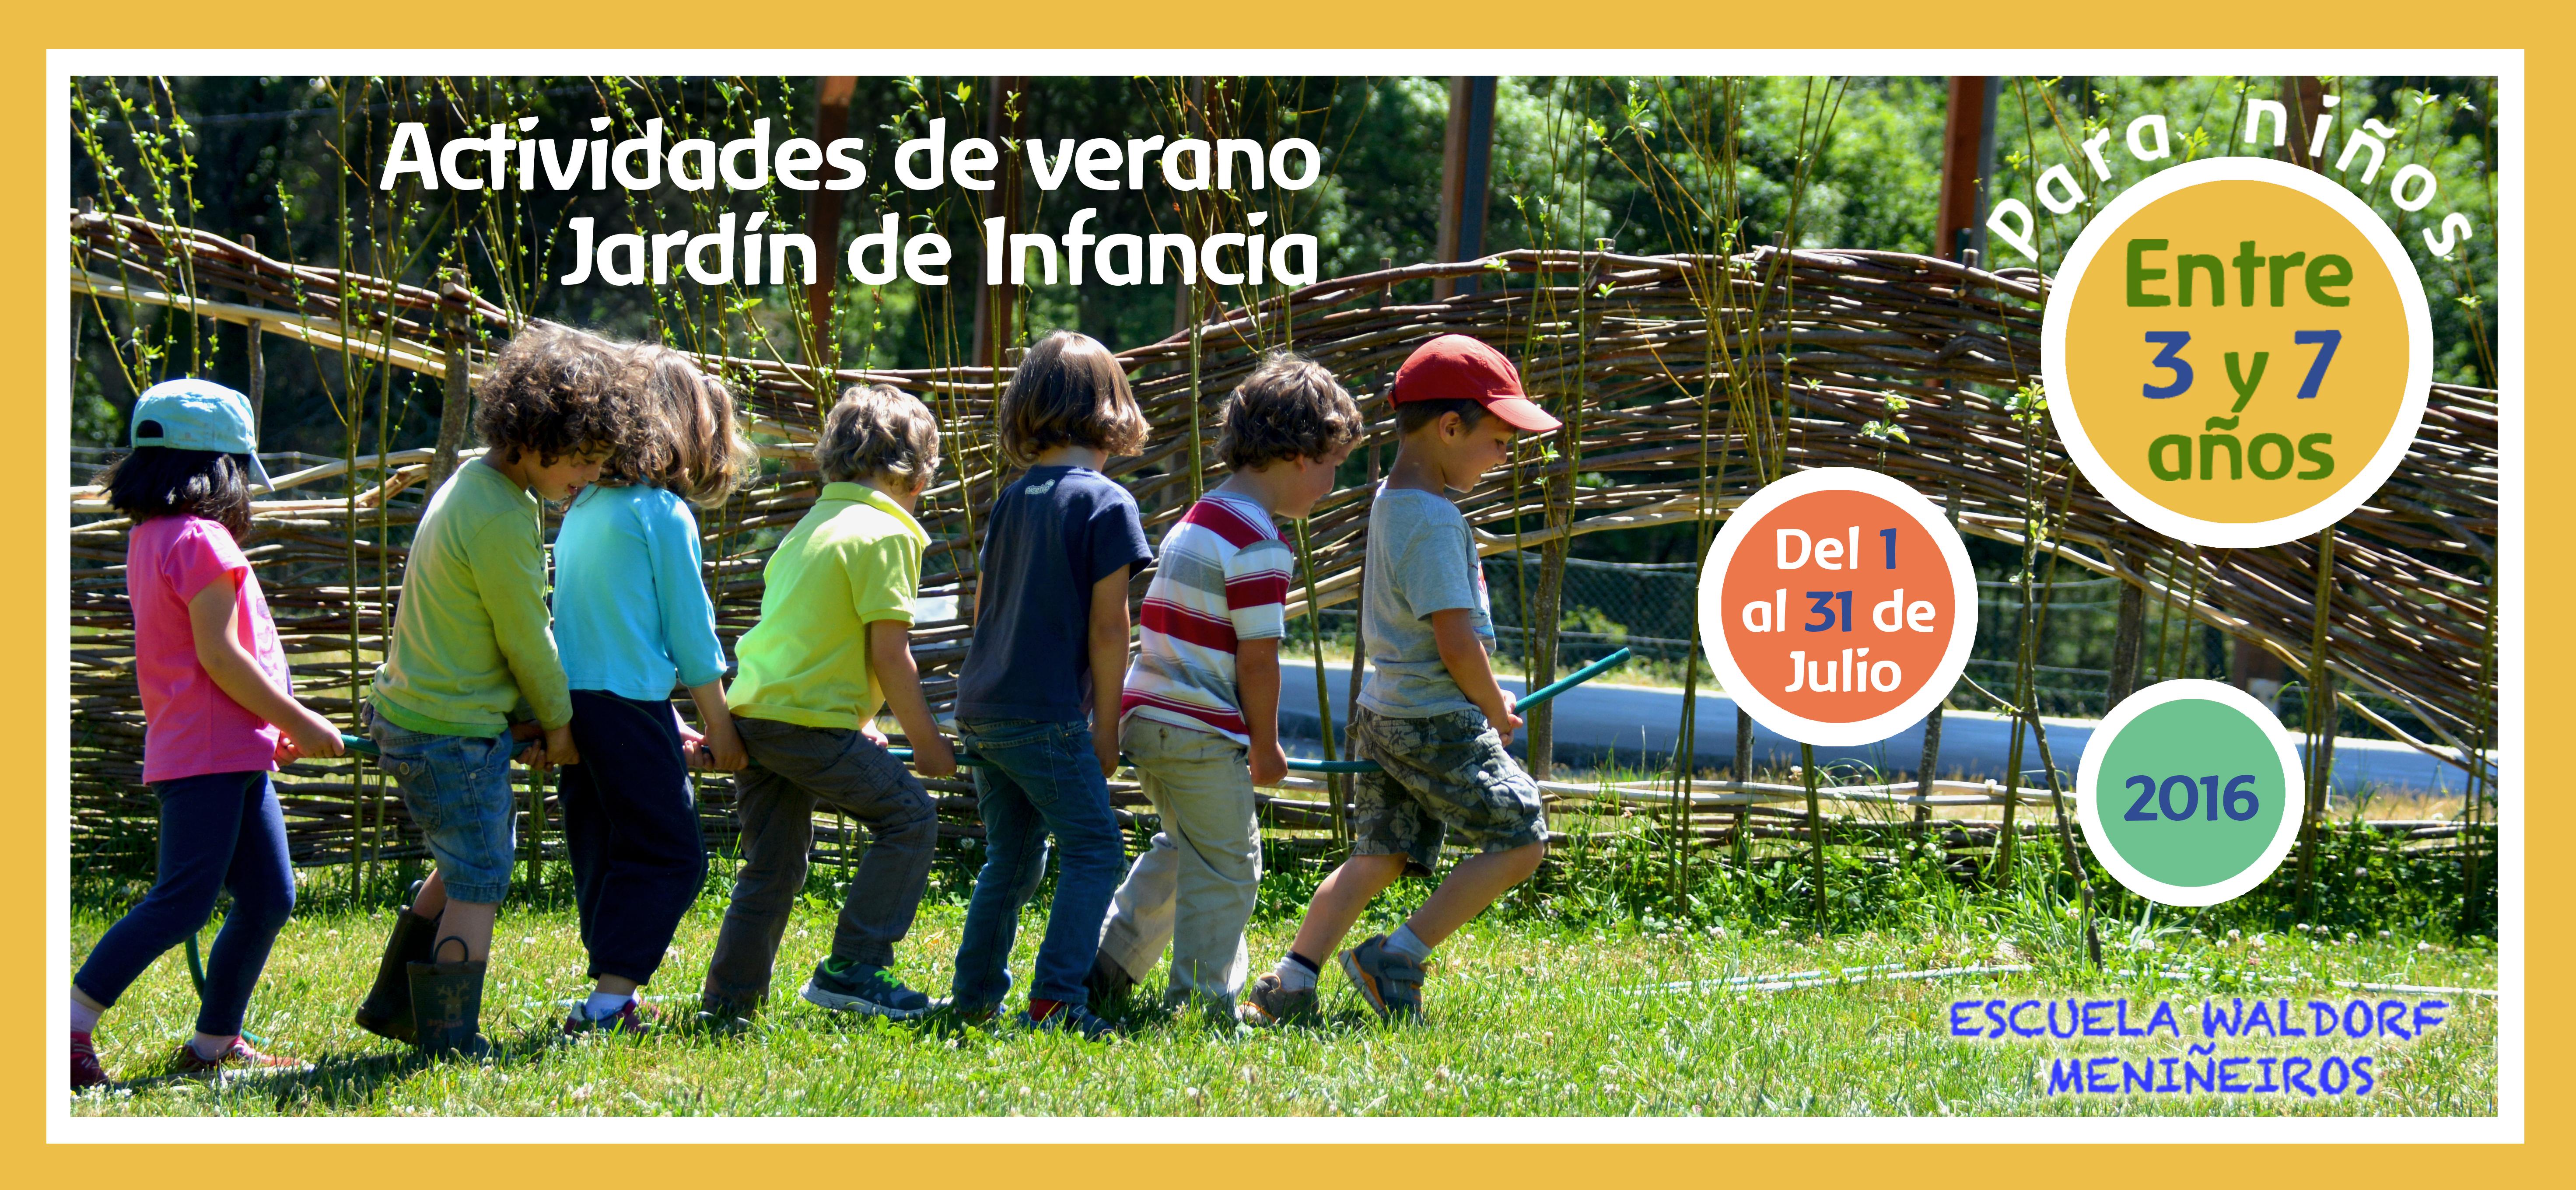 Actividades de verano para jard n de infancia escuela for Jardin infantil verano 2016